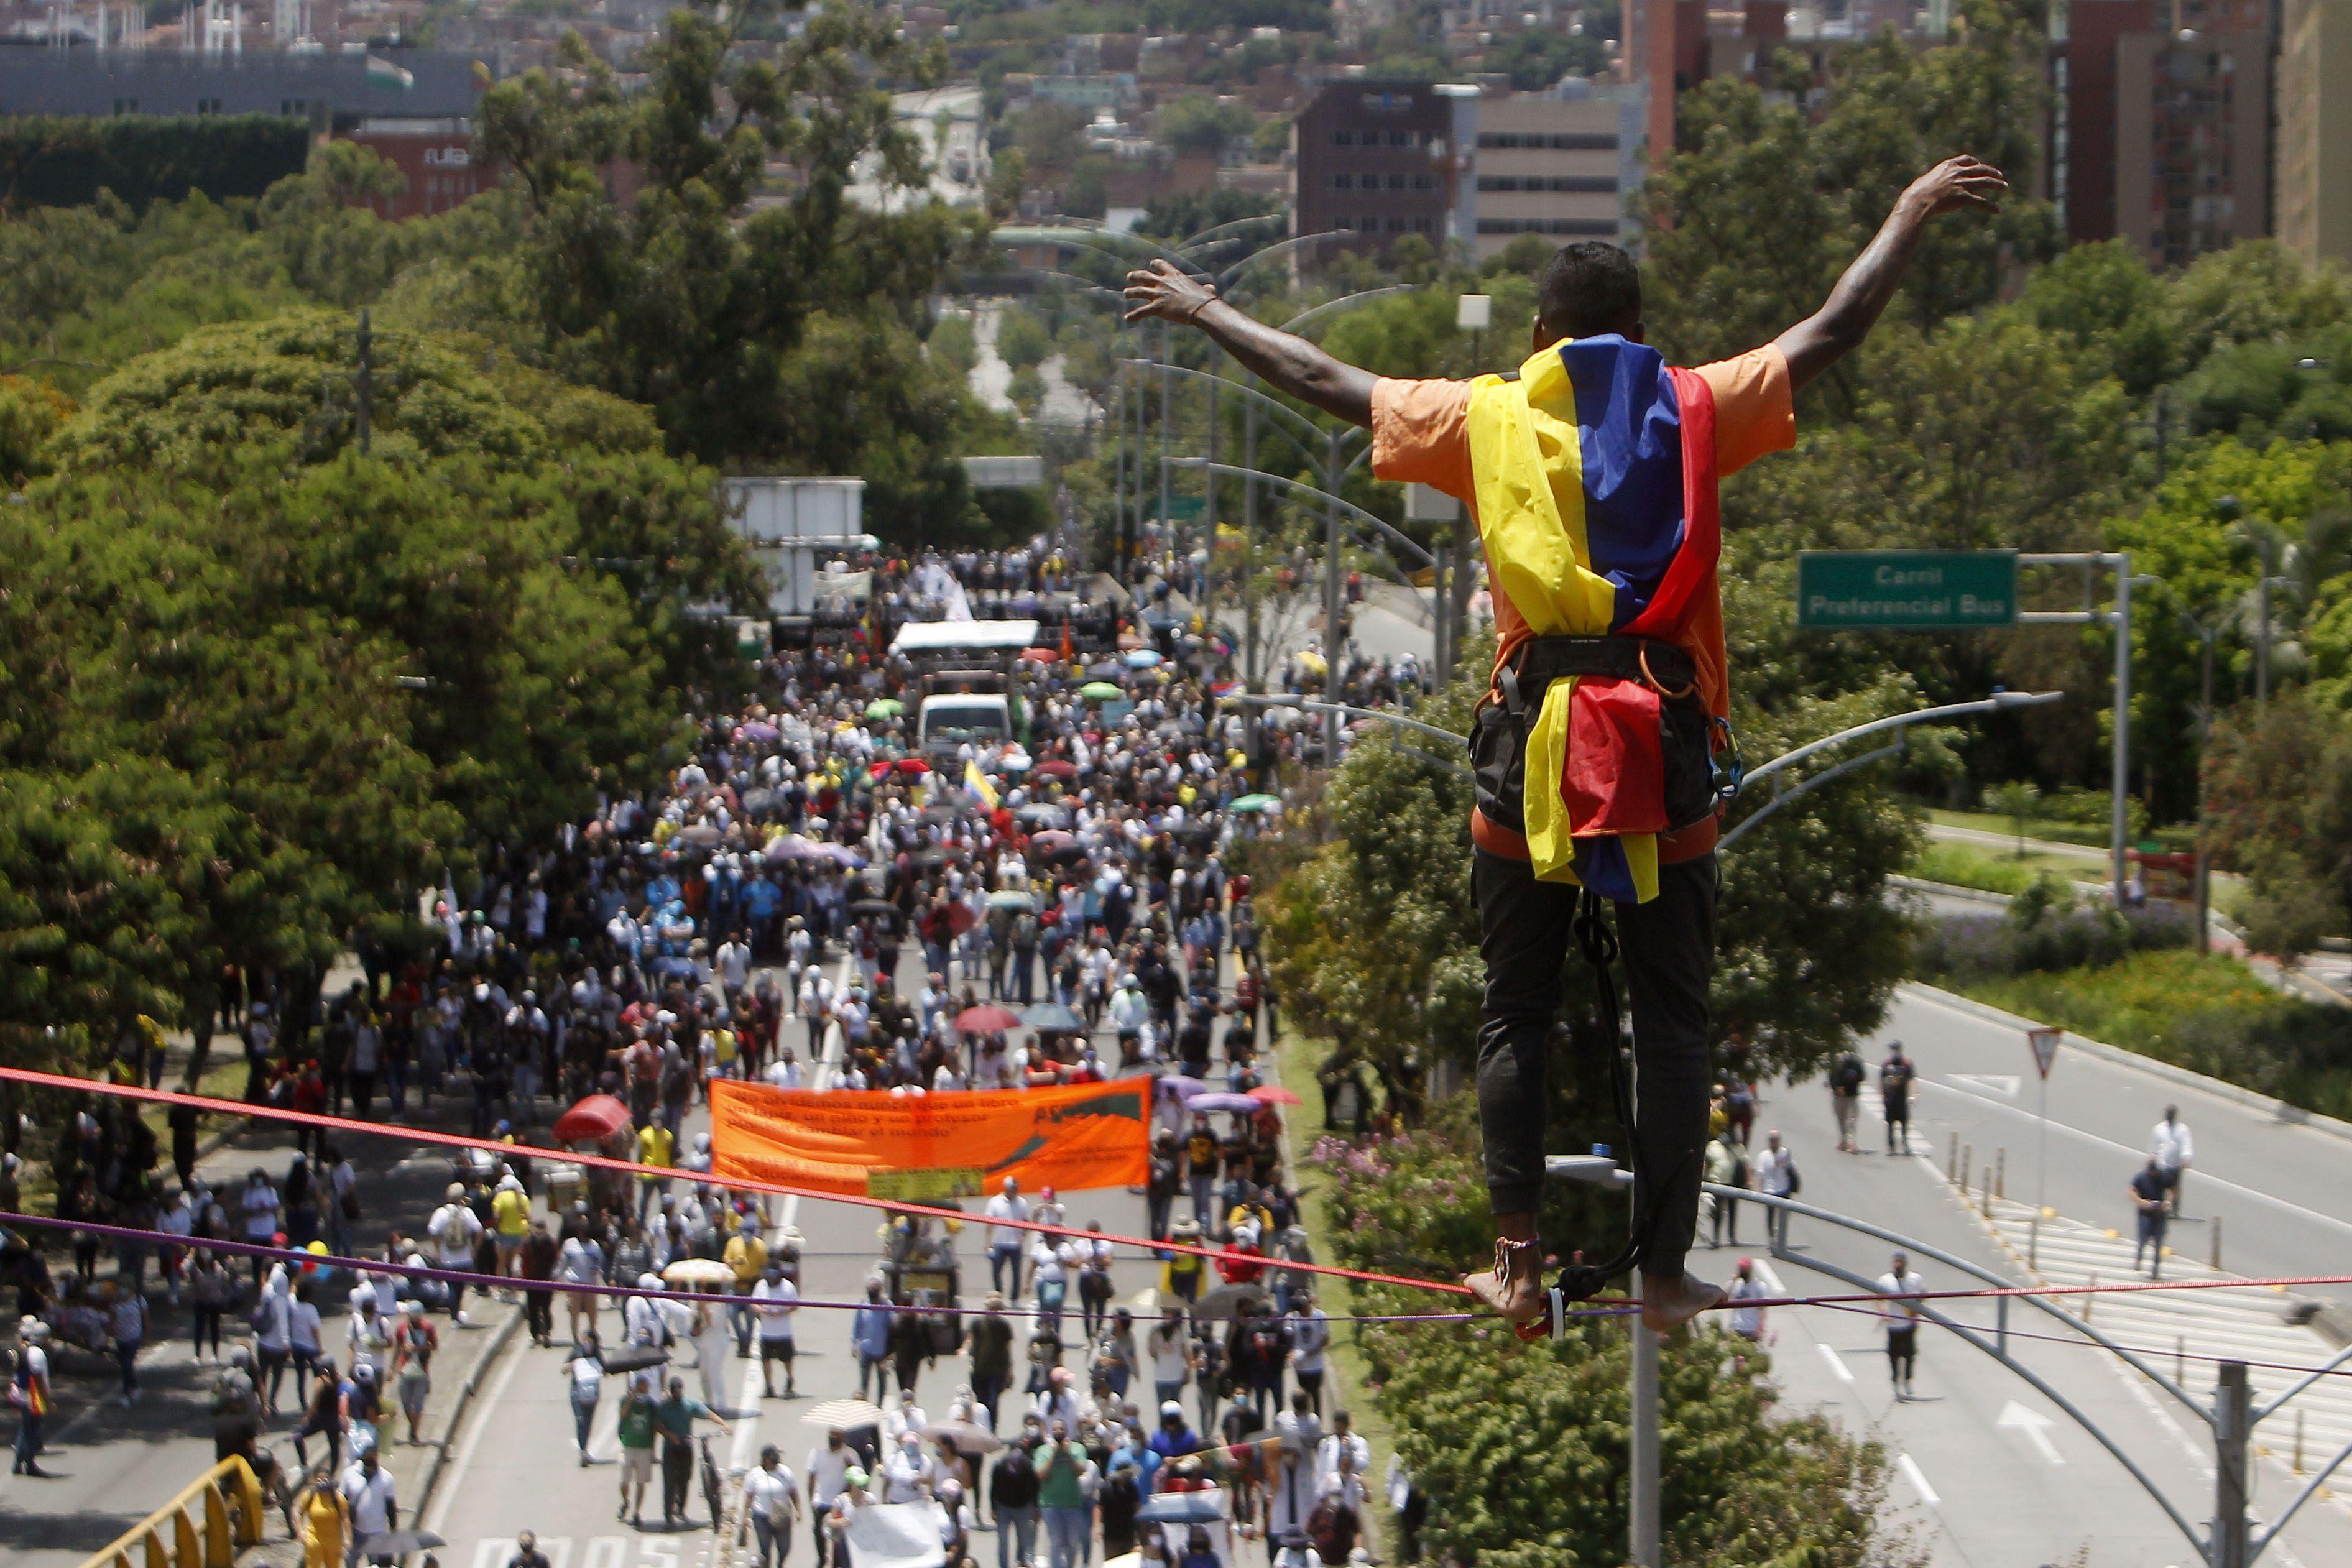 Un hombre realiza acrobacias frente a cientos de personas que marchan durante una nueva jornada de protestas en el marco del Paro Nacional, en Medellín (Colombia). EFE/ Luis Eduardo Noriega A.